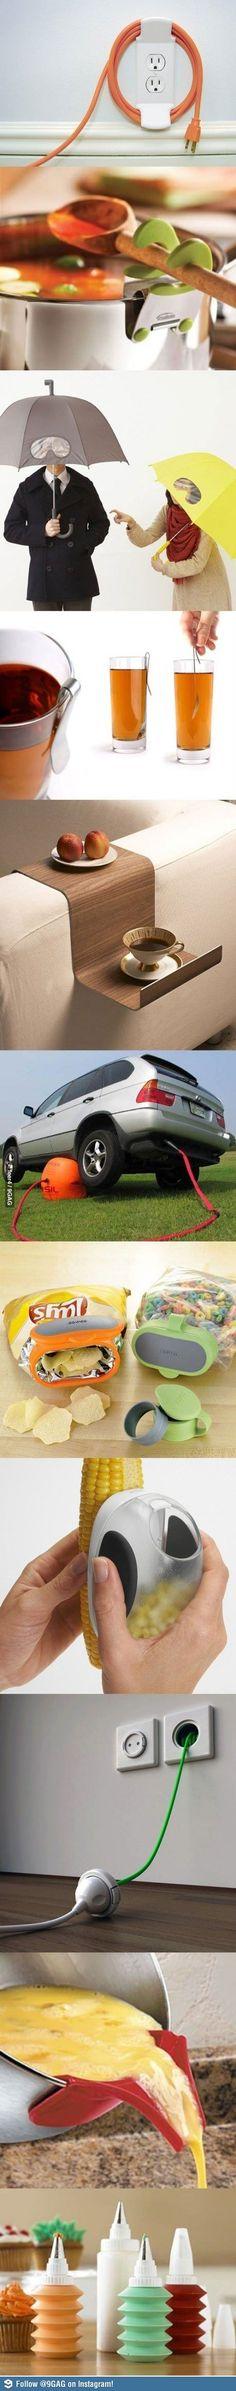 기발한 발명품.jpg